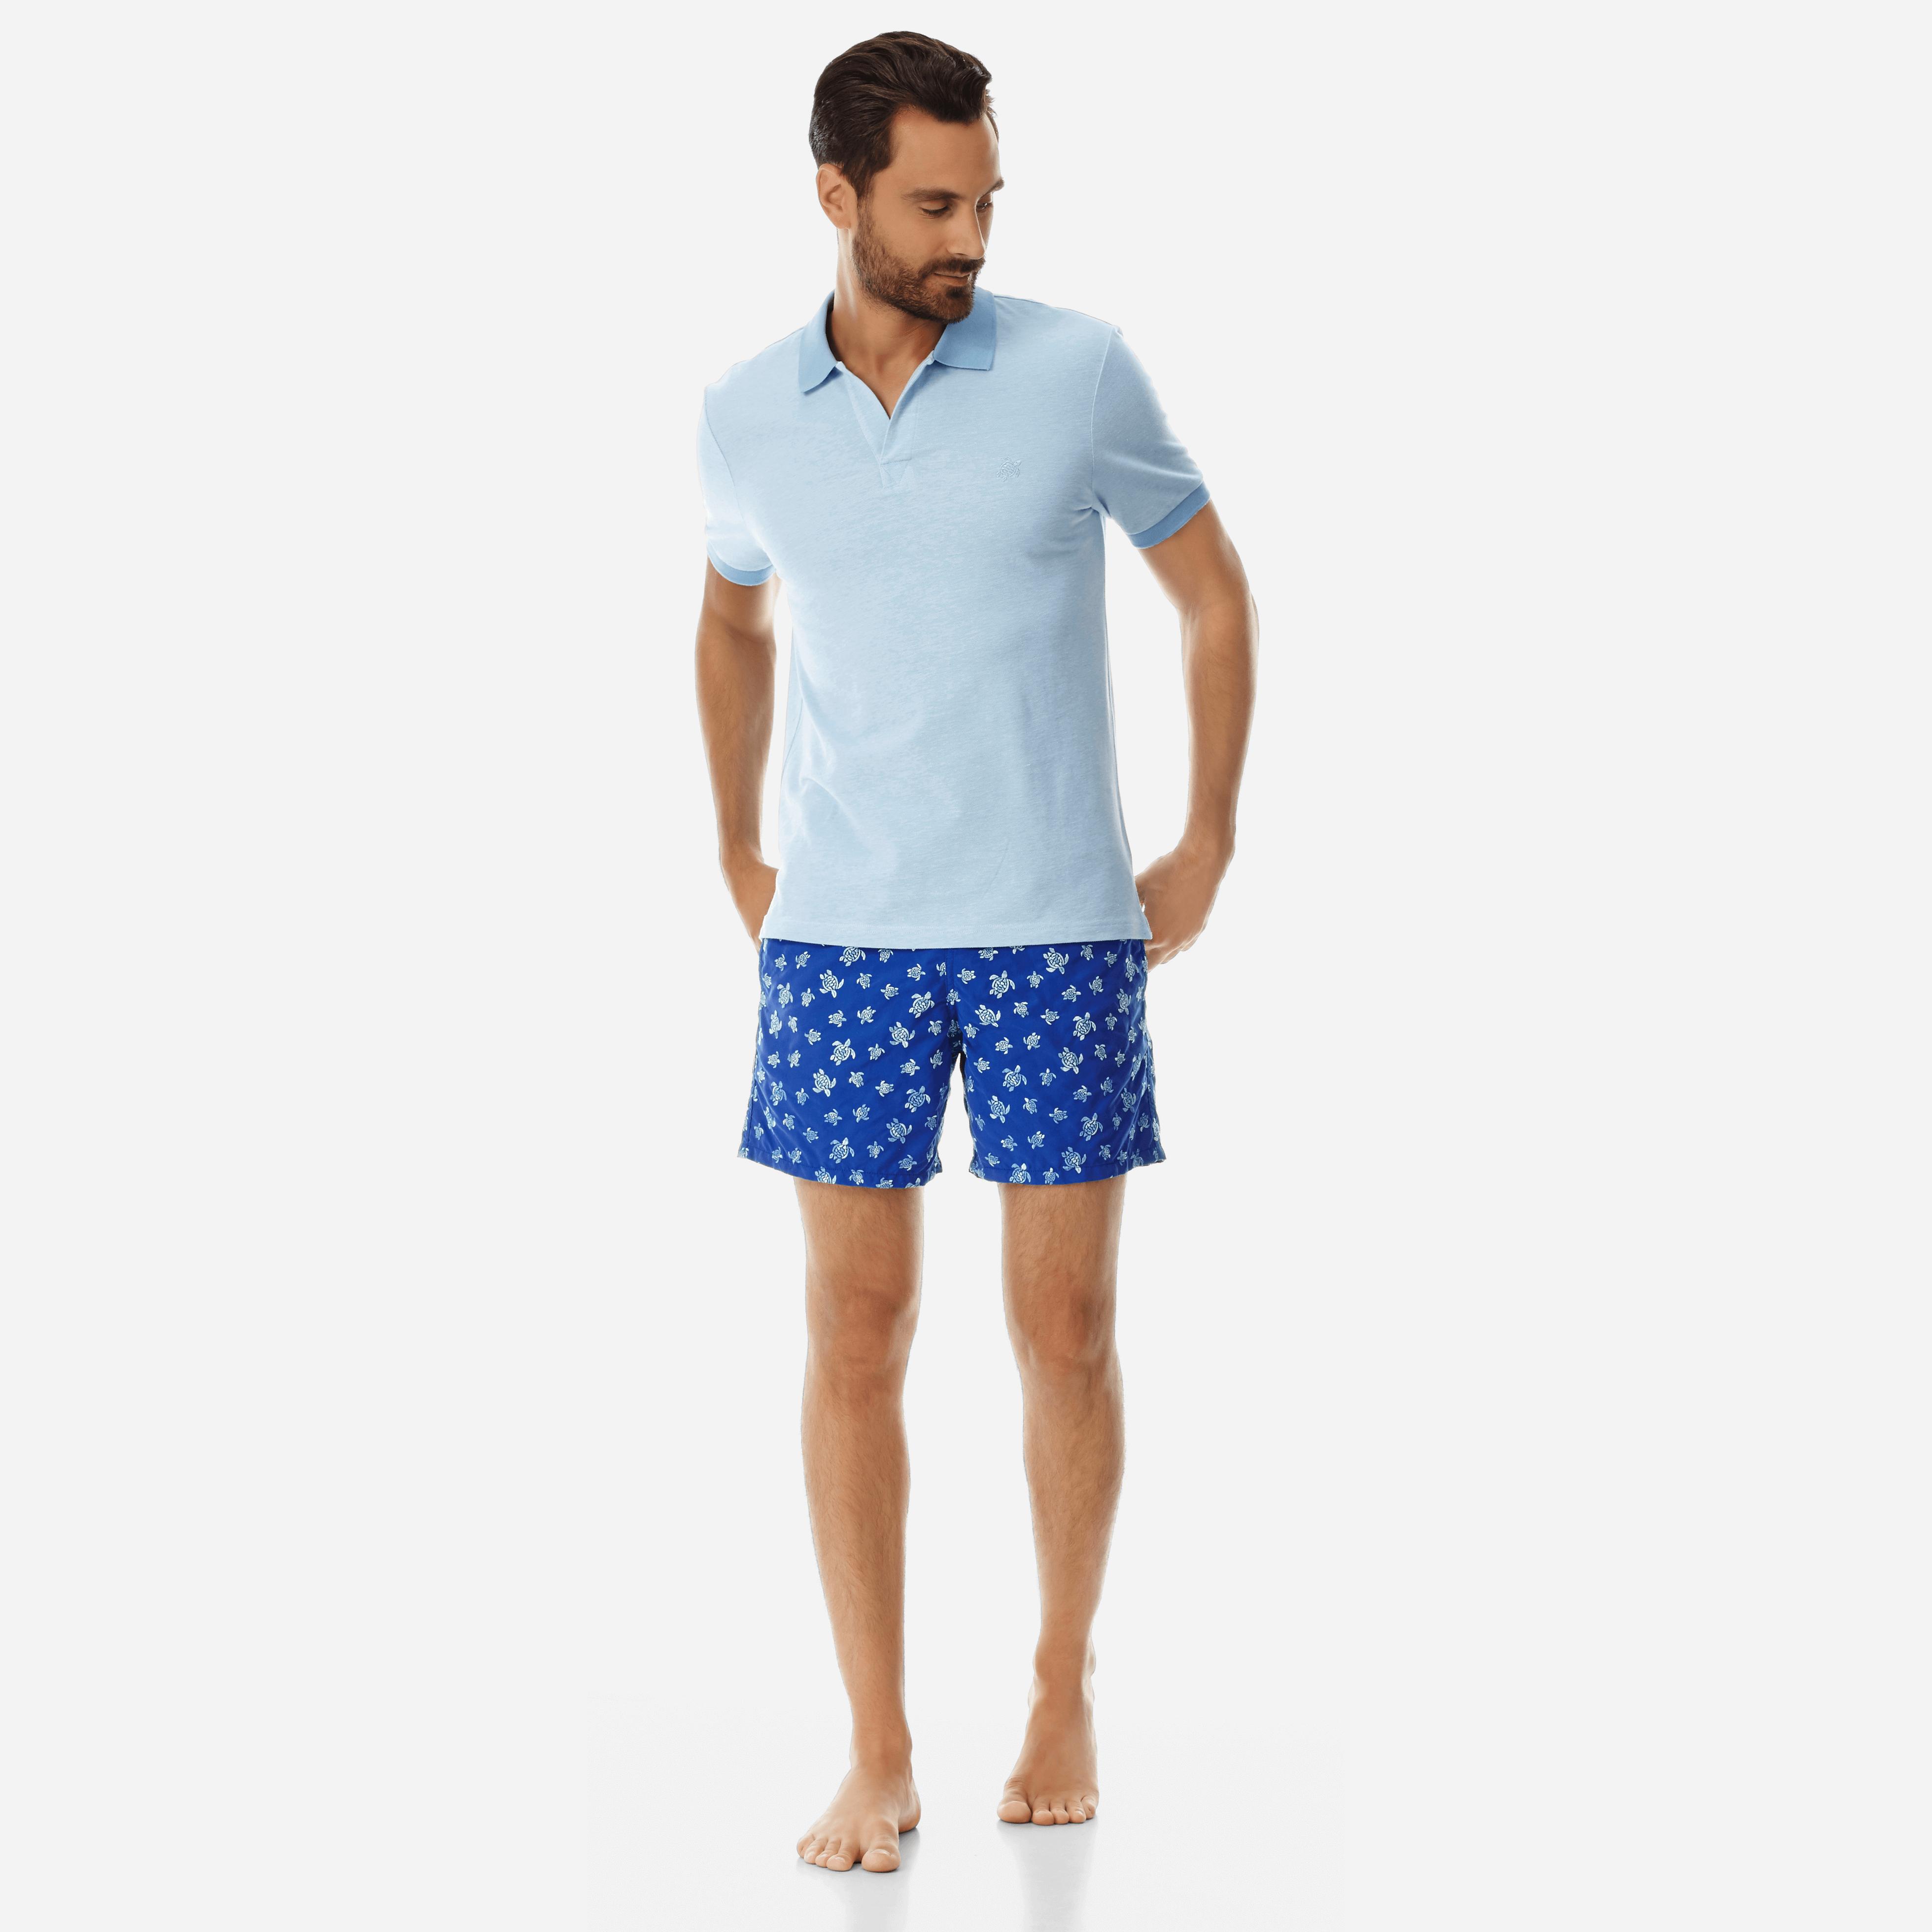 PRET A PORTER HOMME - Polo en Piqué de Coton Homme Uni - POLO - PALATIN - Bleu - XXL - Vilebrequin